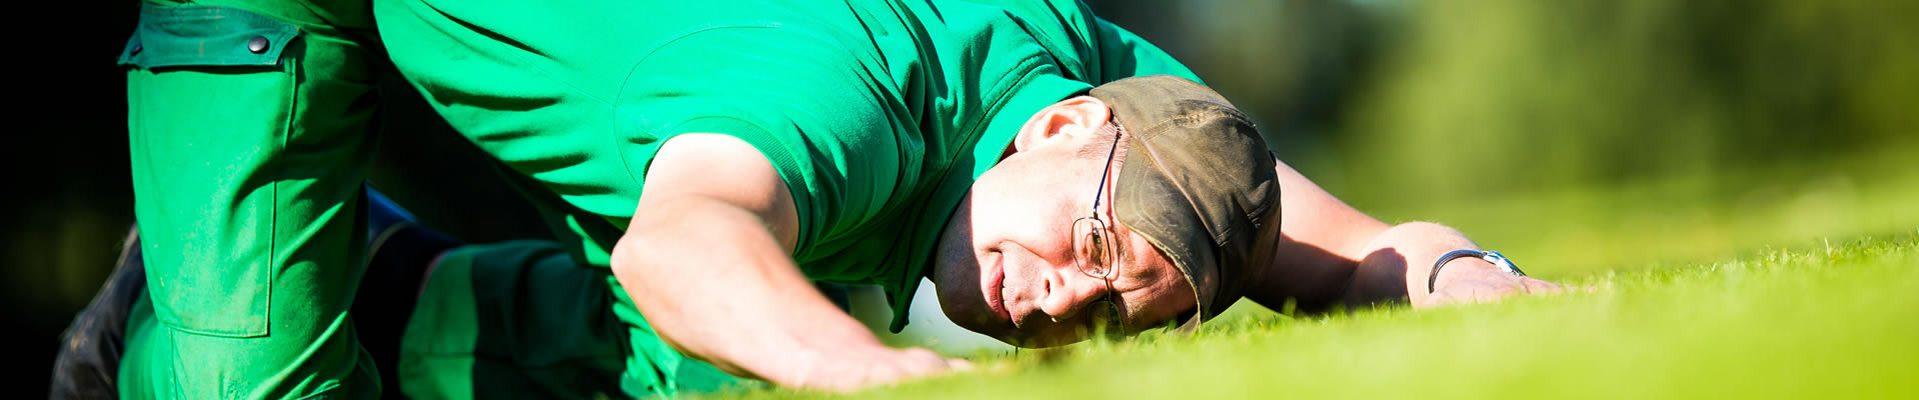 Headerbild Datenschutzerklärung des LSB NRW: Greenkeeper prüft den Rasen